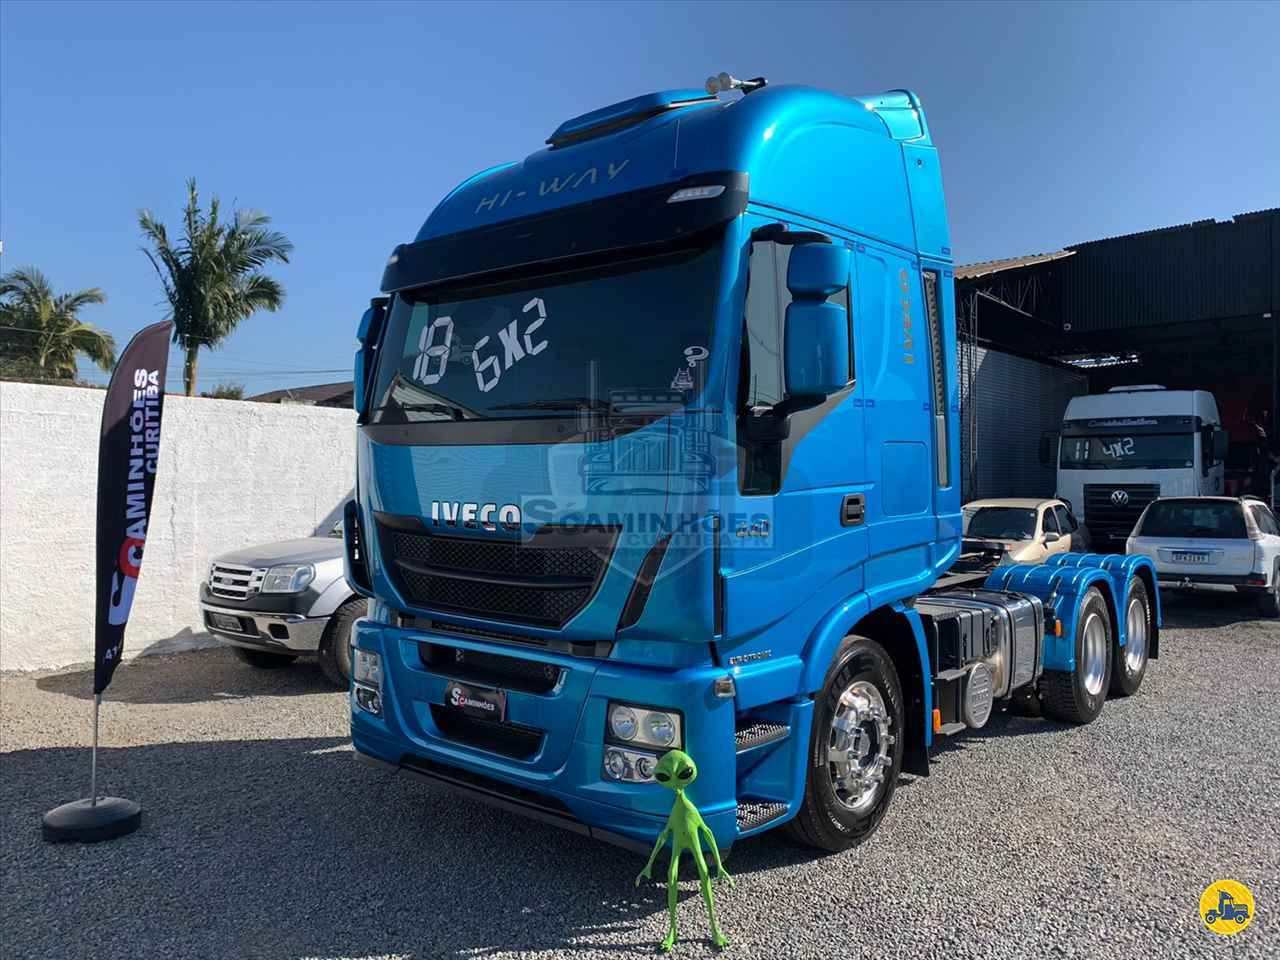 CAMINHAO IVECO STRALIS 440 Cavalo Mecânico Truck 6x2 Só Caminhões Curitiba CURITIBA PARANÁ PR